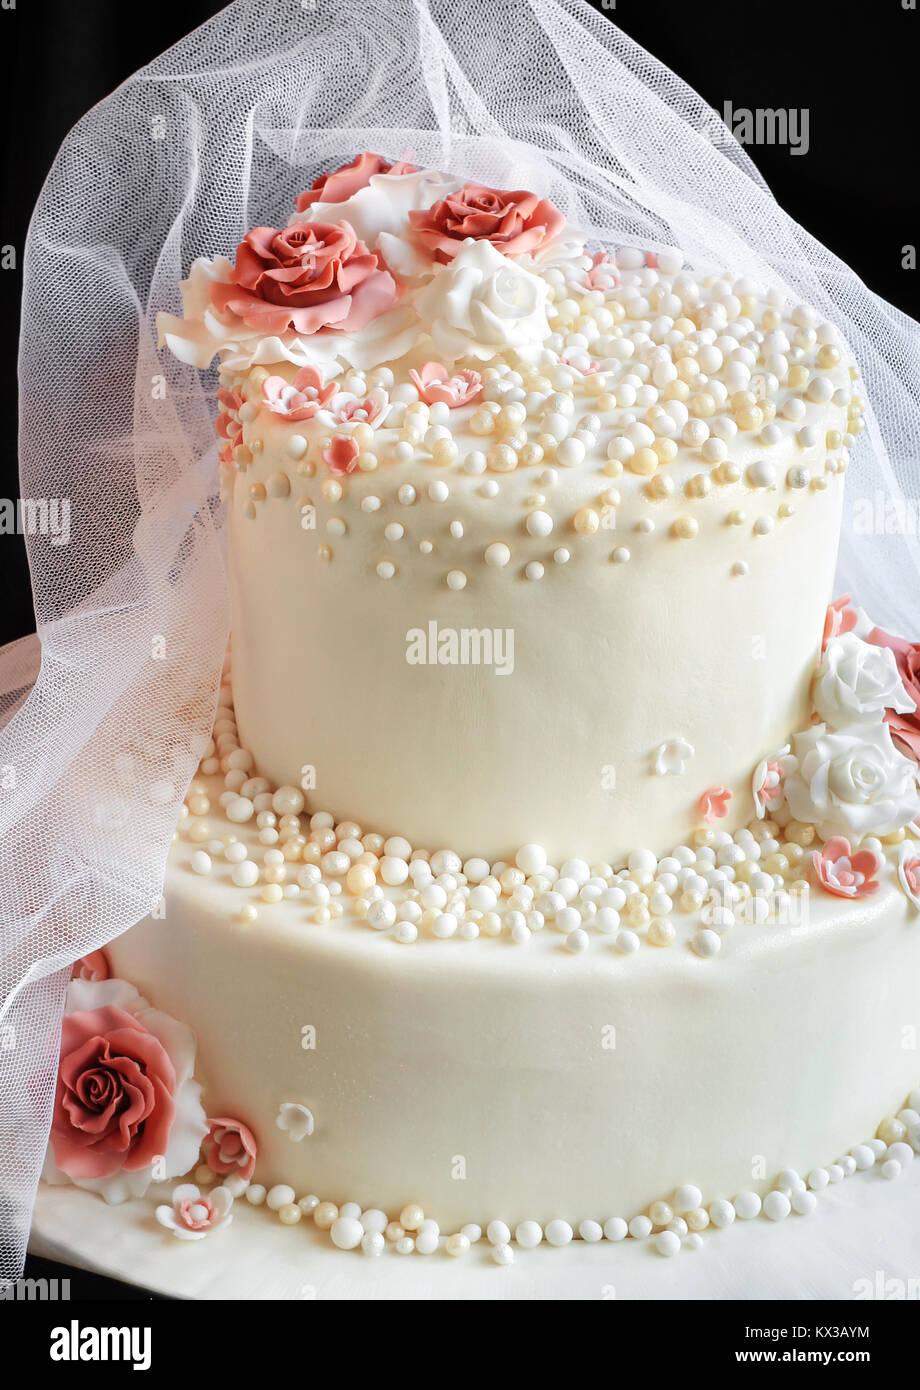 Voile sur le gâteau de mariage avec des roses sur fond noir Photo Stock